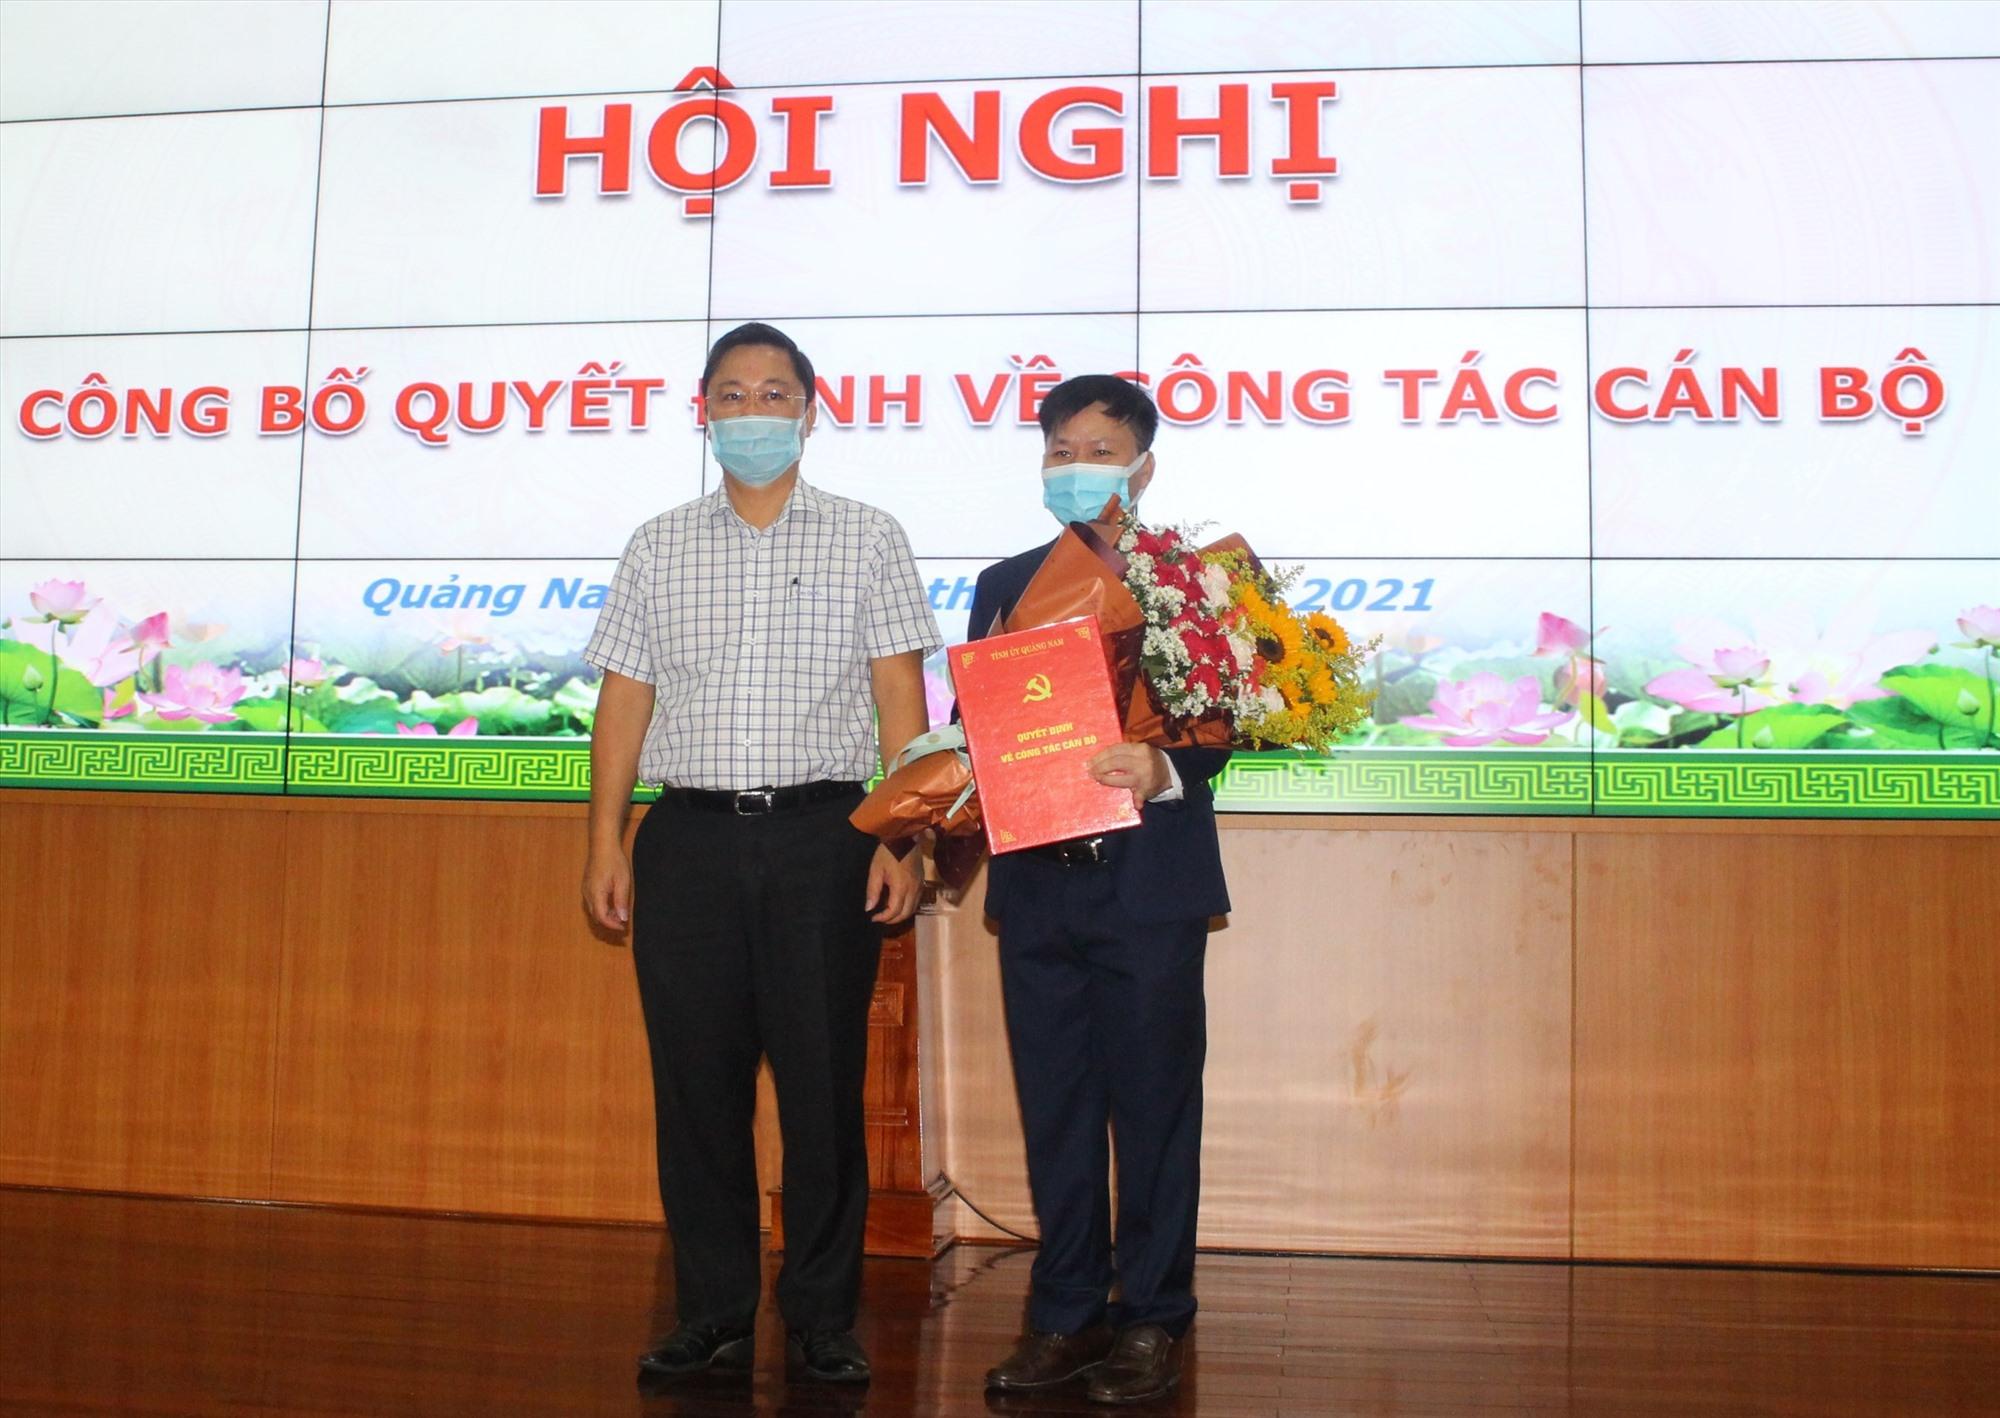 Chủ tịch UBND tỉnh Lê Trí Thanh trao quyết định bổ nhiệm và tặng hoa chúc mừng ông Nguyễn Như Công nhận nhiệm vụ mới tại UBND tỉnh. Ảnh: N.Đ